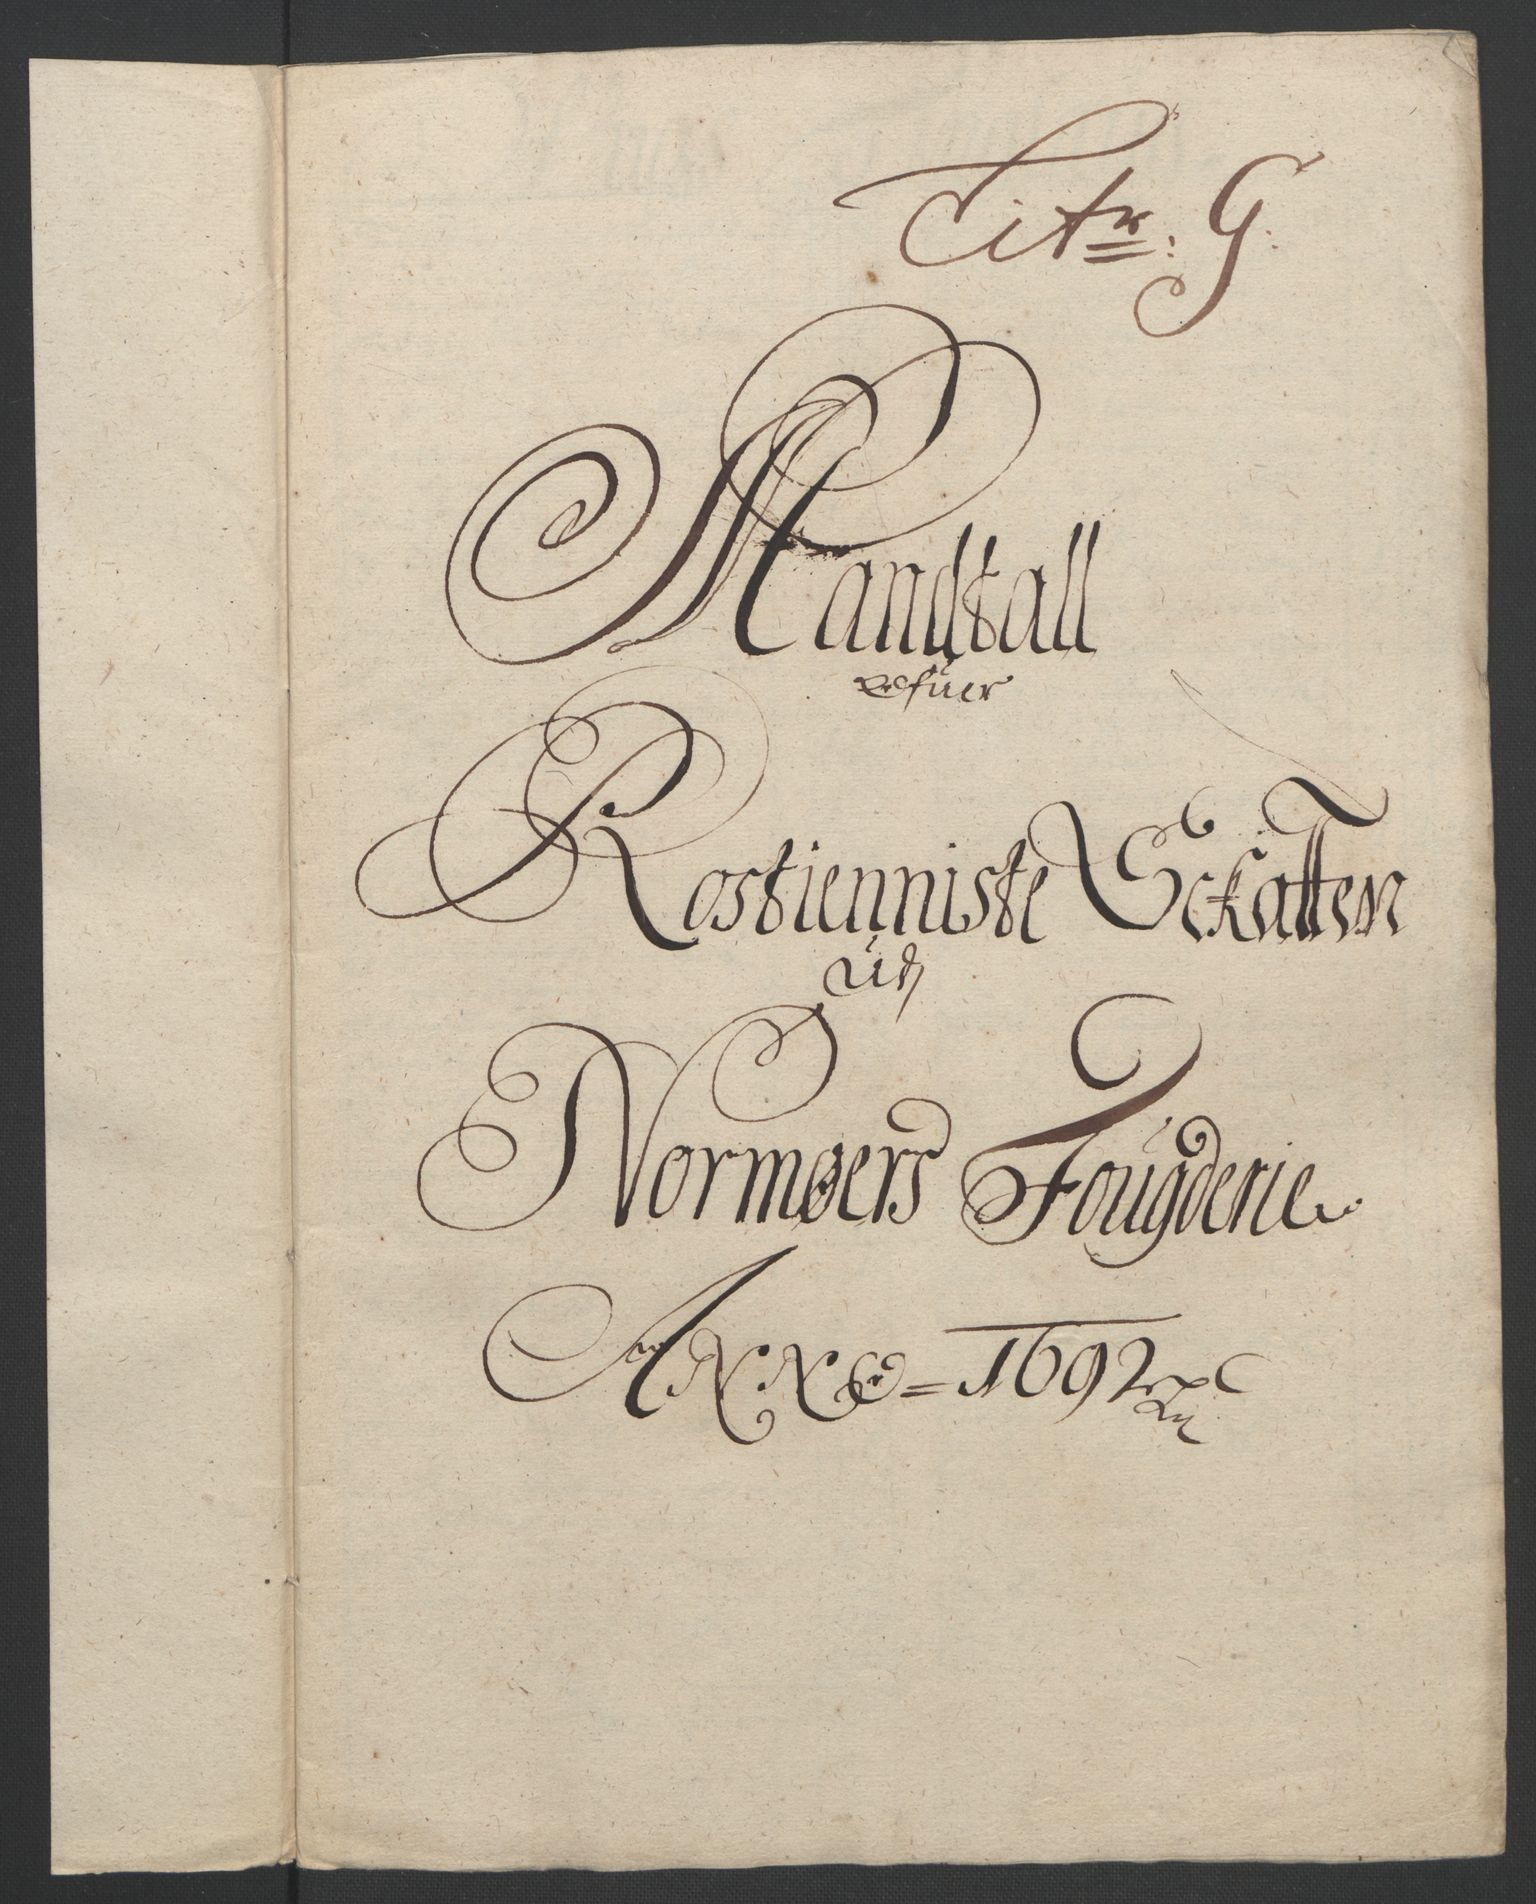 RA, Rentekammeret inntil 1814, Reviderte regnskaper, Fogderegnskap, R56/L3735: Fogderegnskap Nordmøre, 1692-1693, s. 91